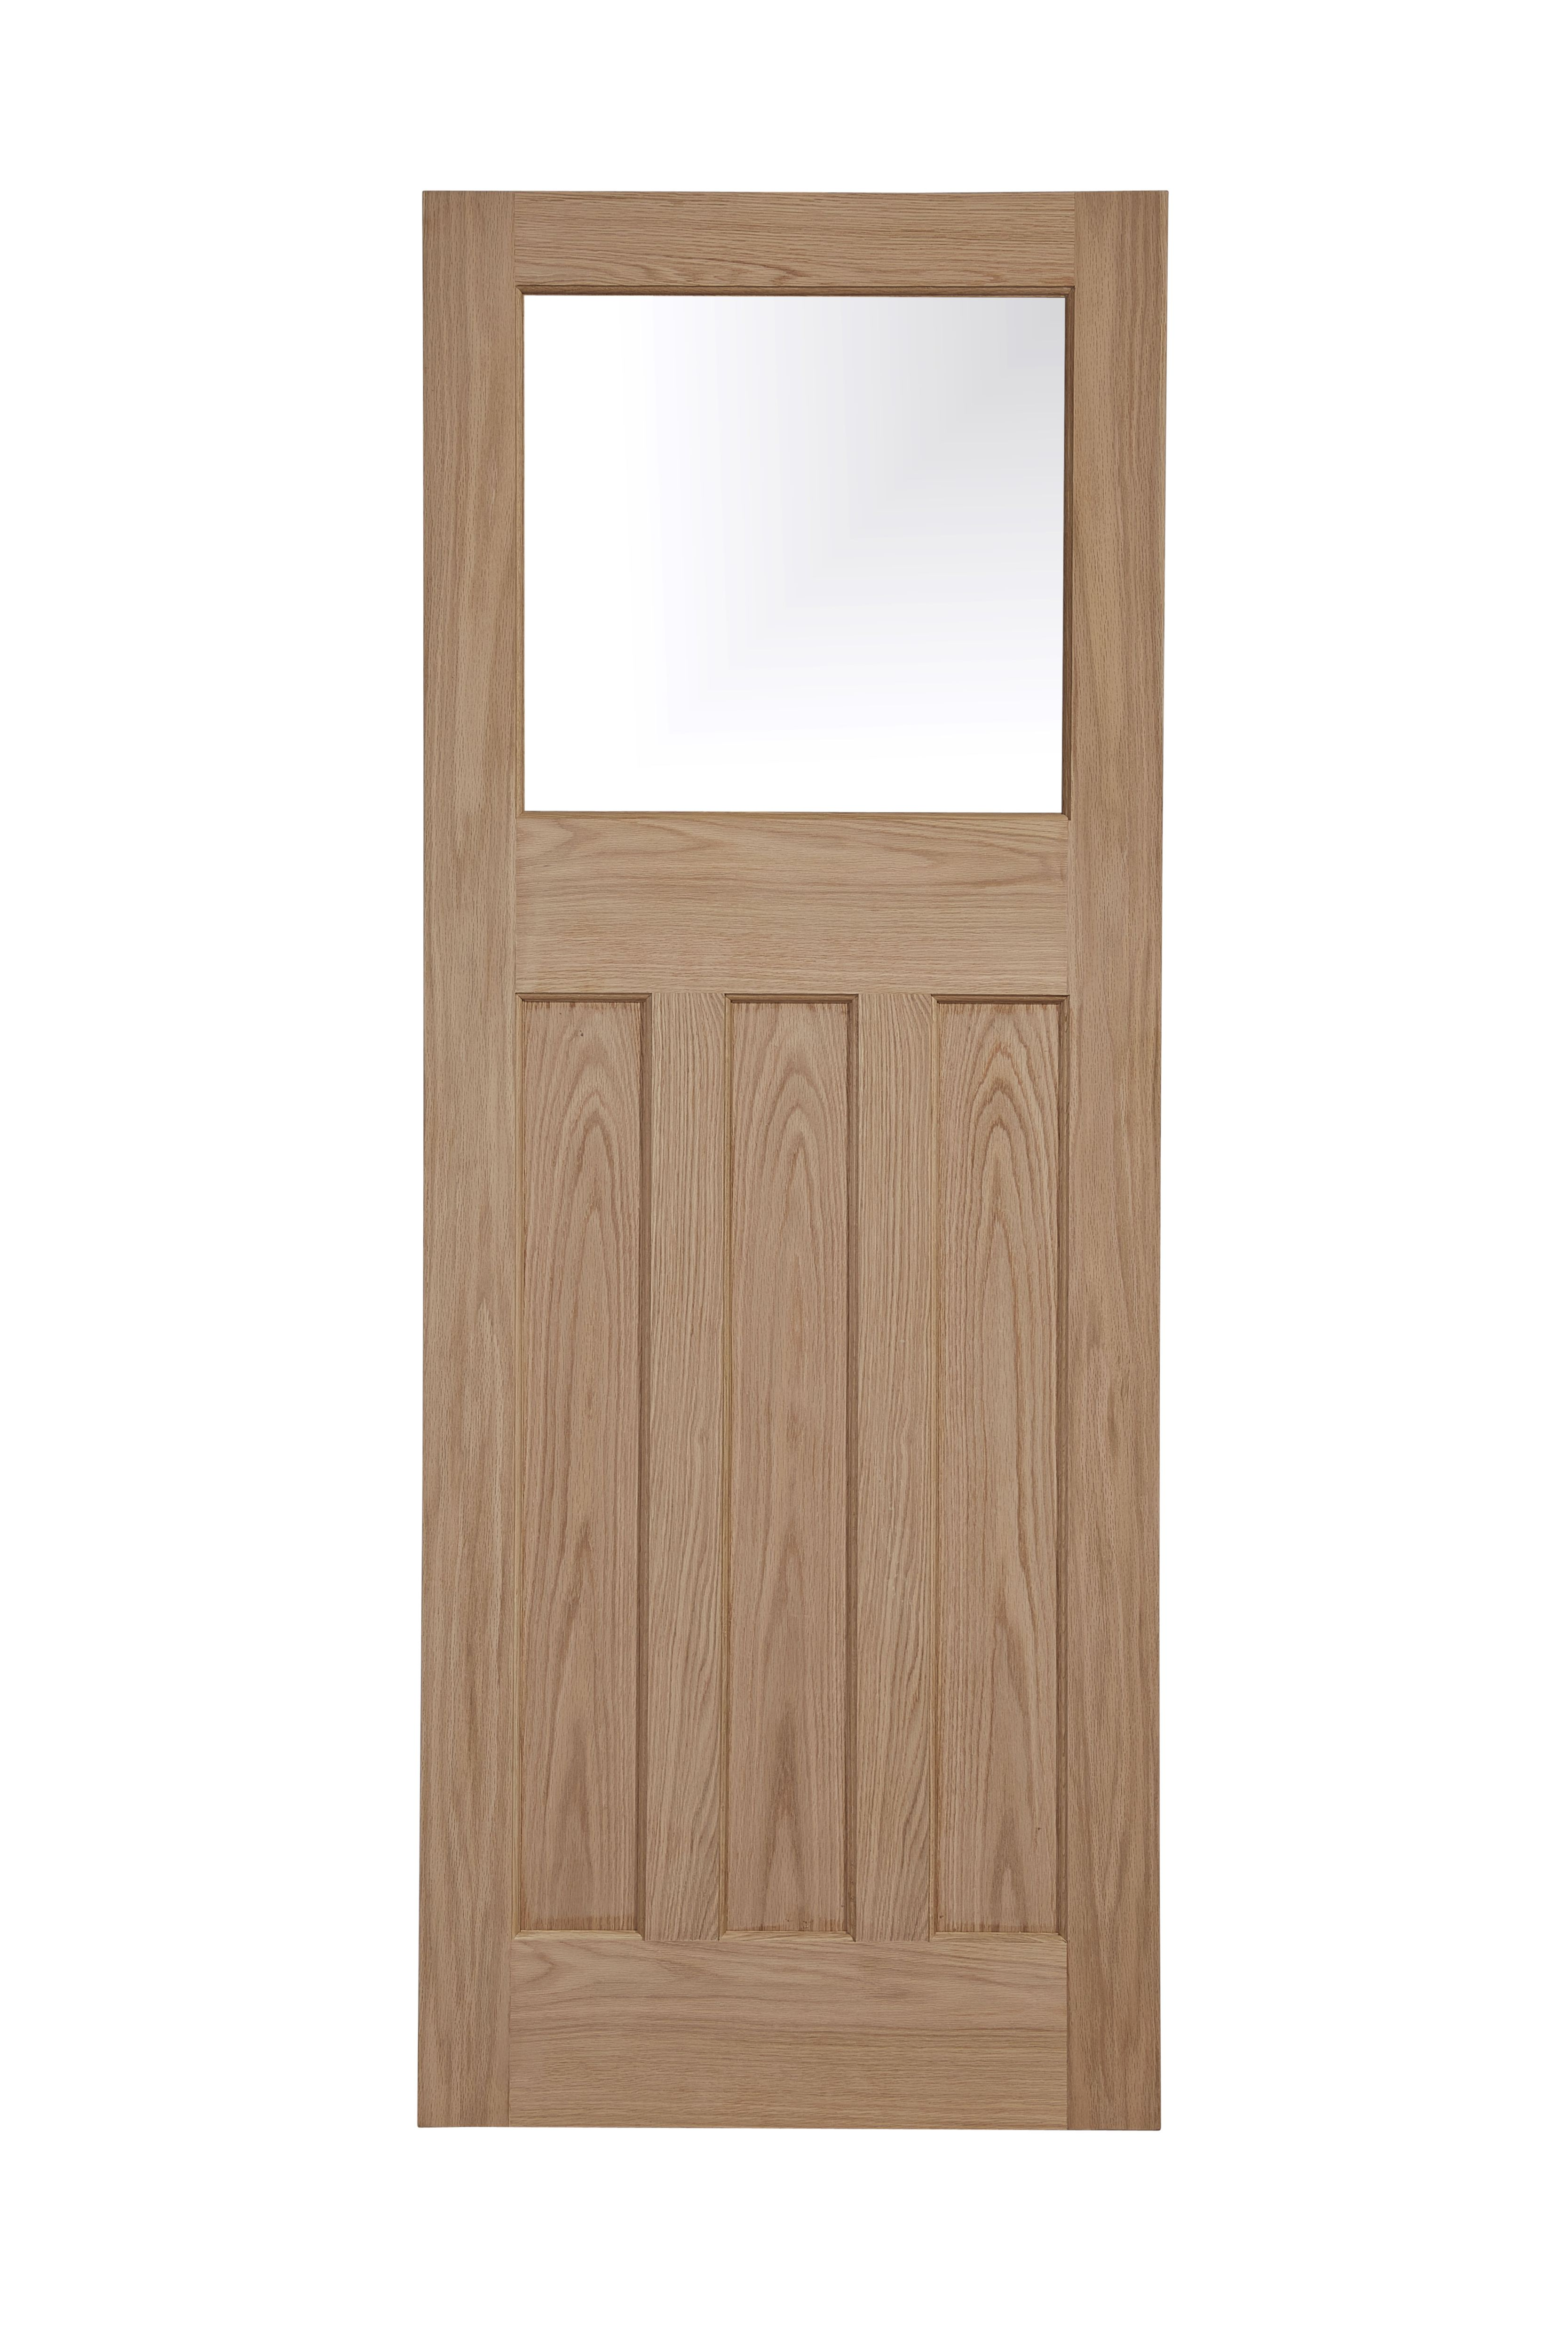 Traditional Panelled Oak Veneer Glazed Internal Door (H)1981mm (W)762mm | Departments | DIY at B\u0026Q  sc 1 st  B\u0026Q & Traditional Panelled Oak Veneer Glazed Internal Door (H)1981mm (W ...